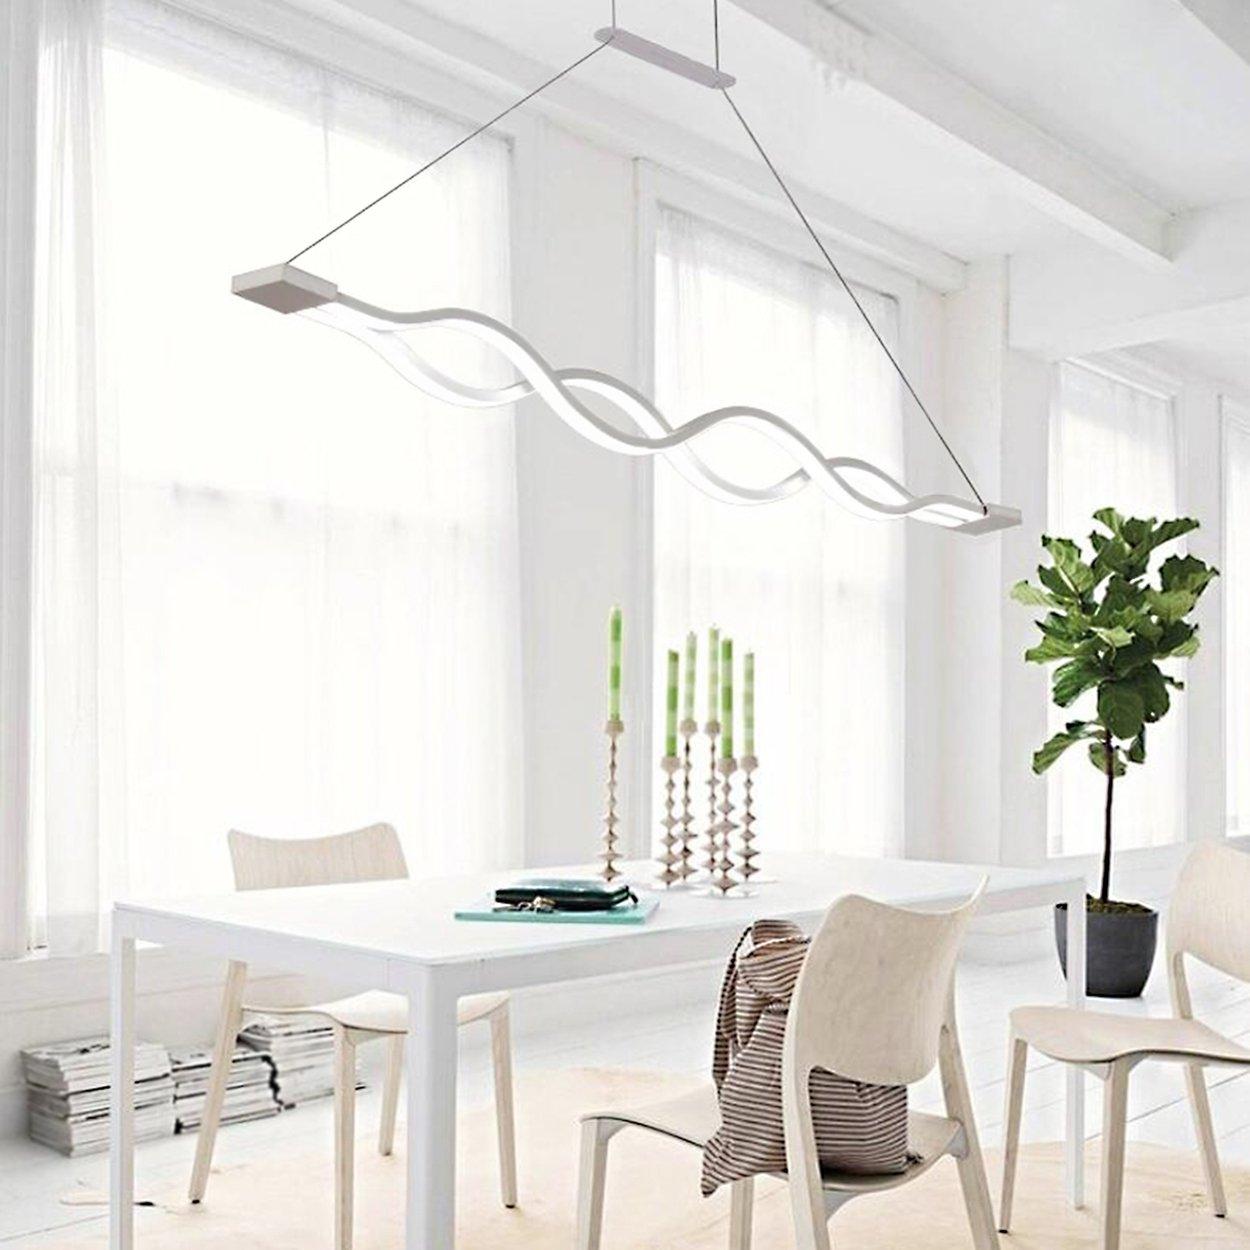 Great Kjlars Led Esstisch Hngeleuchte Wohnzimmer Kche Moderne Aluminium  Hngelampe Pendellnge Maximum Cm With Wohnzimmer Hngeleuchte